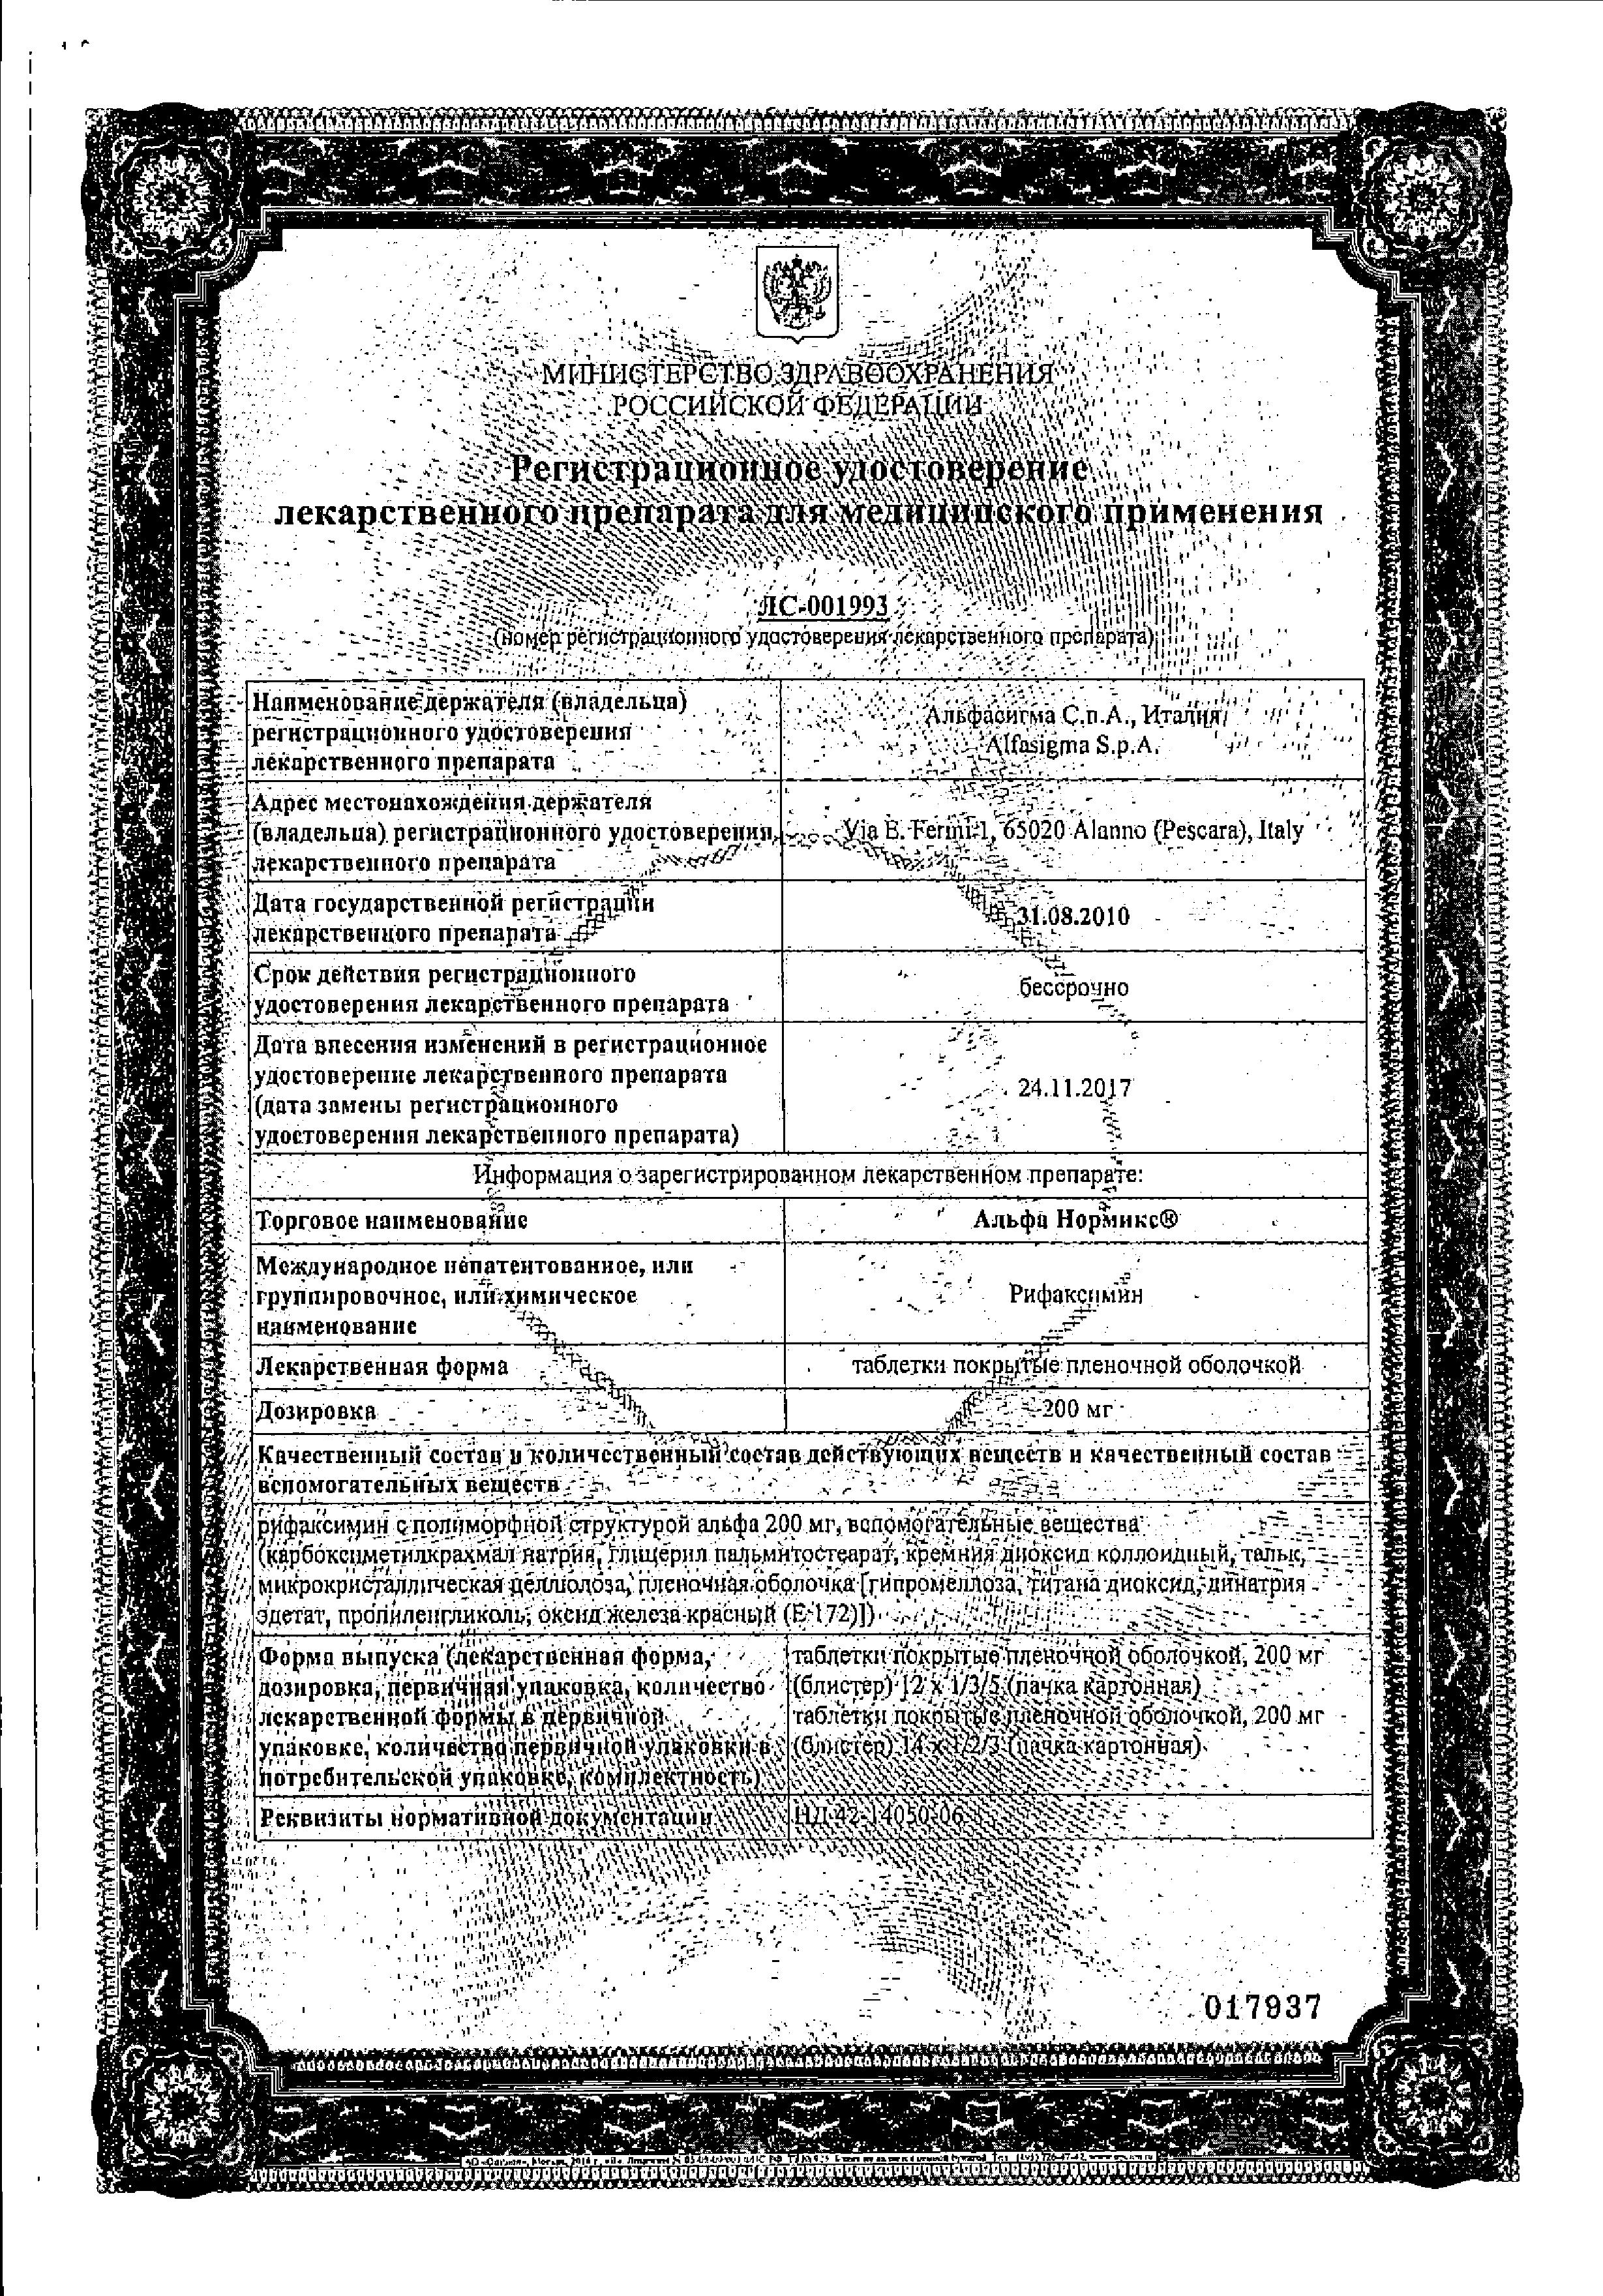 Альфа нормикс сертификат